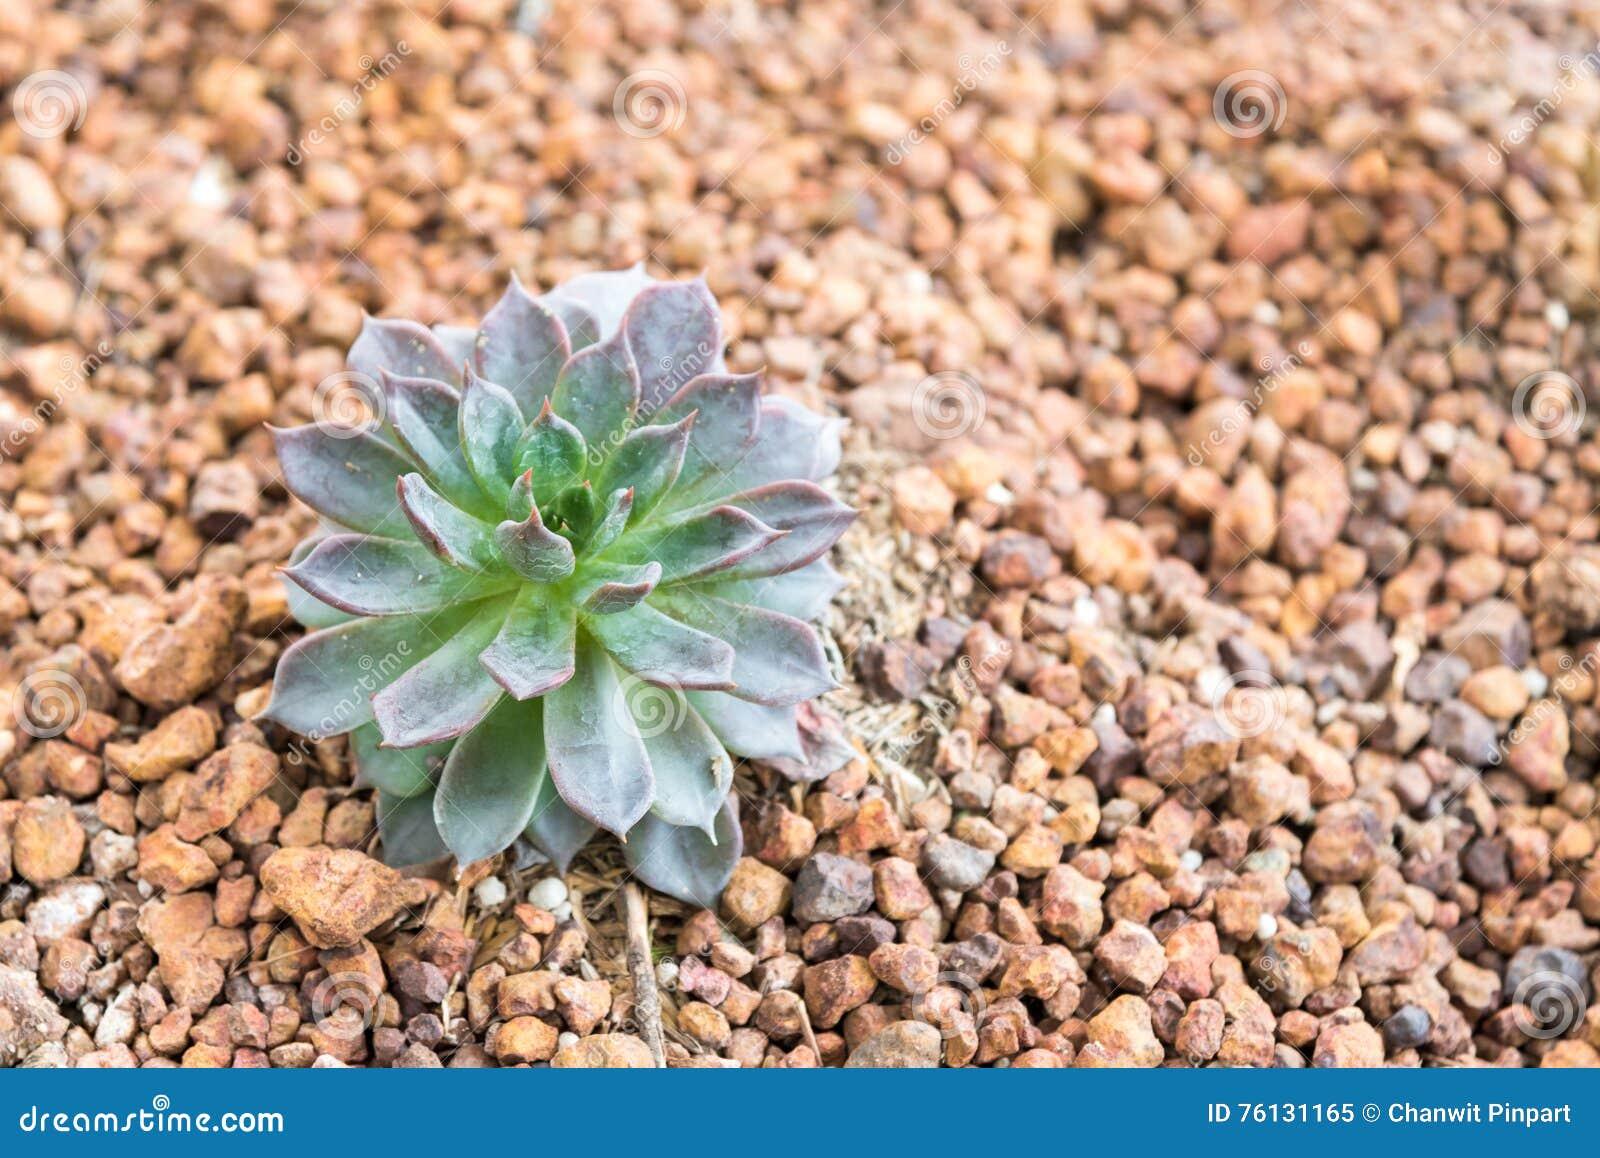 Plantas suculentas miniatura en jard n del desierto imagen for Jardin del desierto